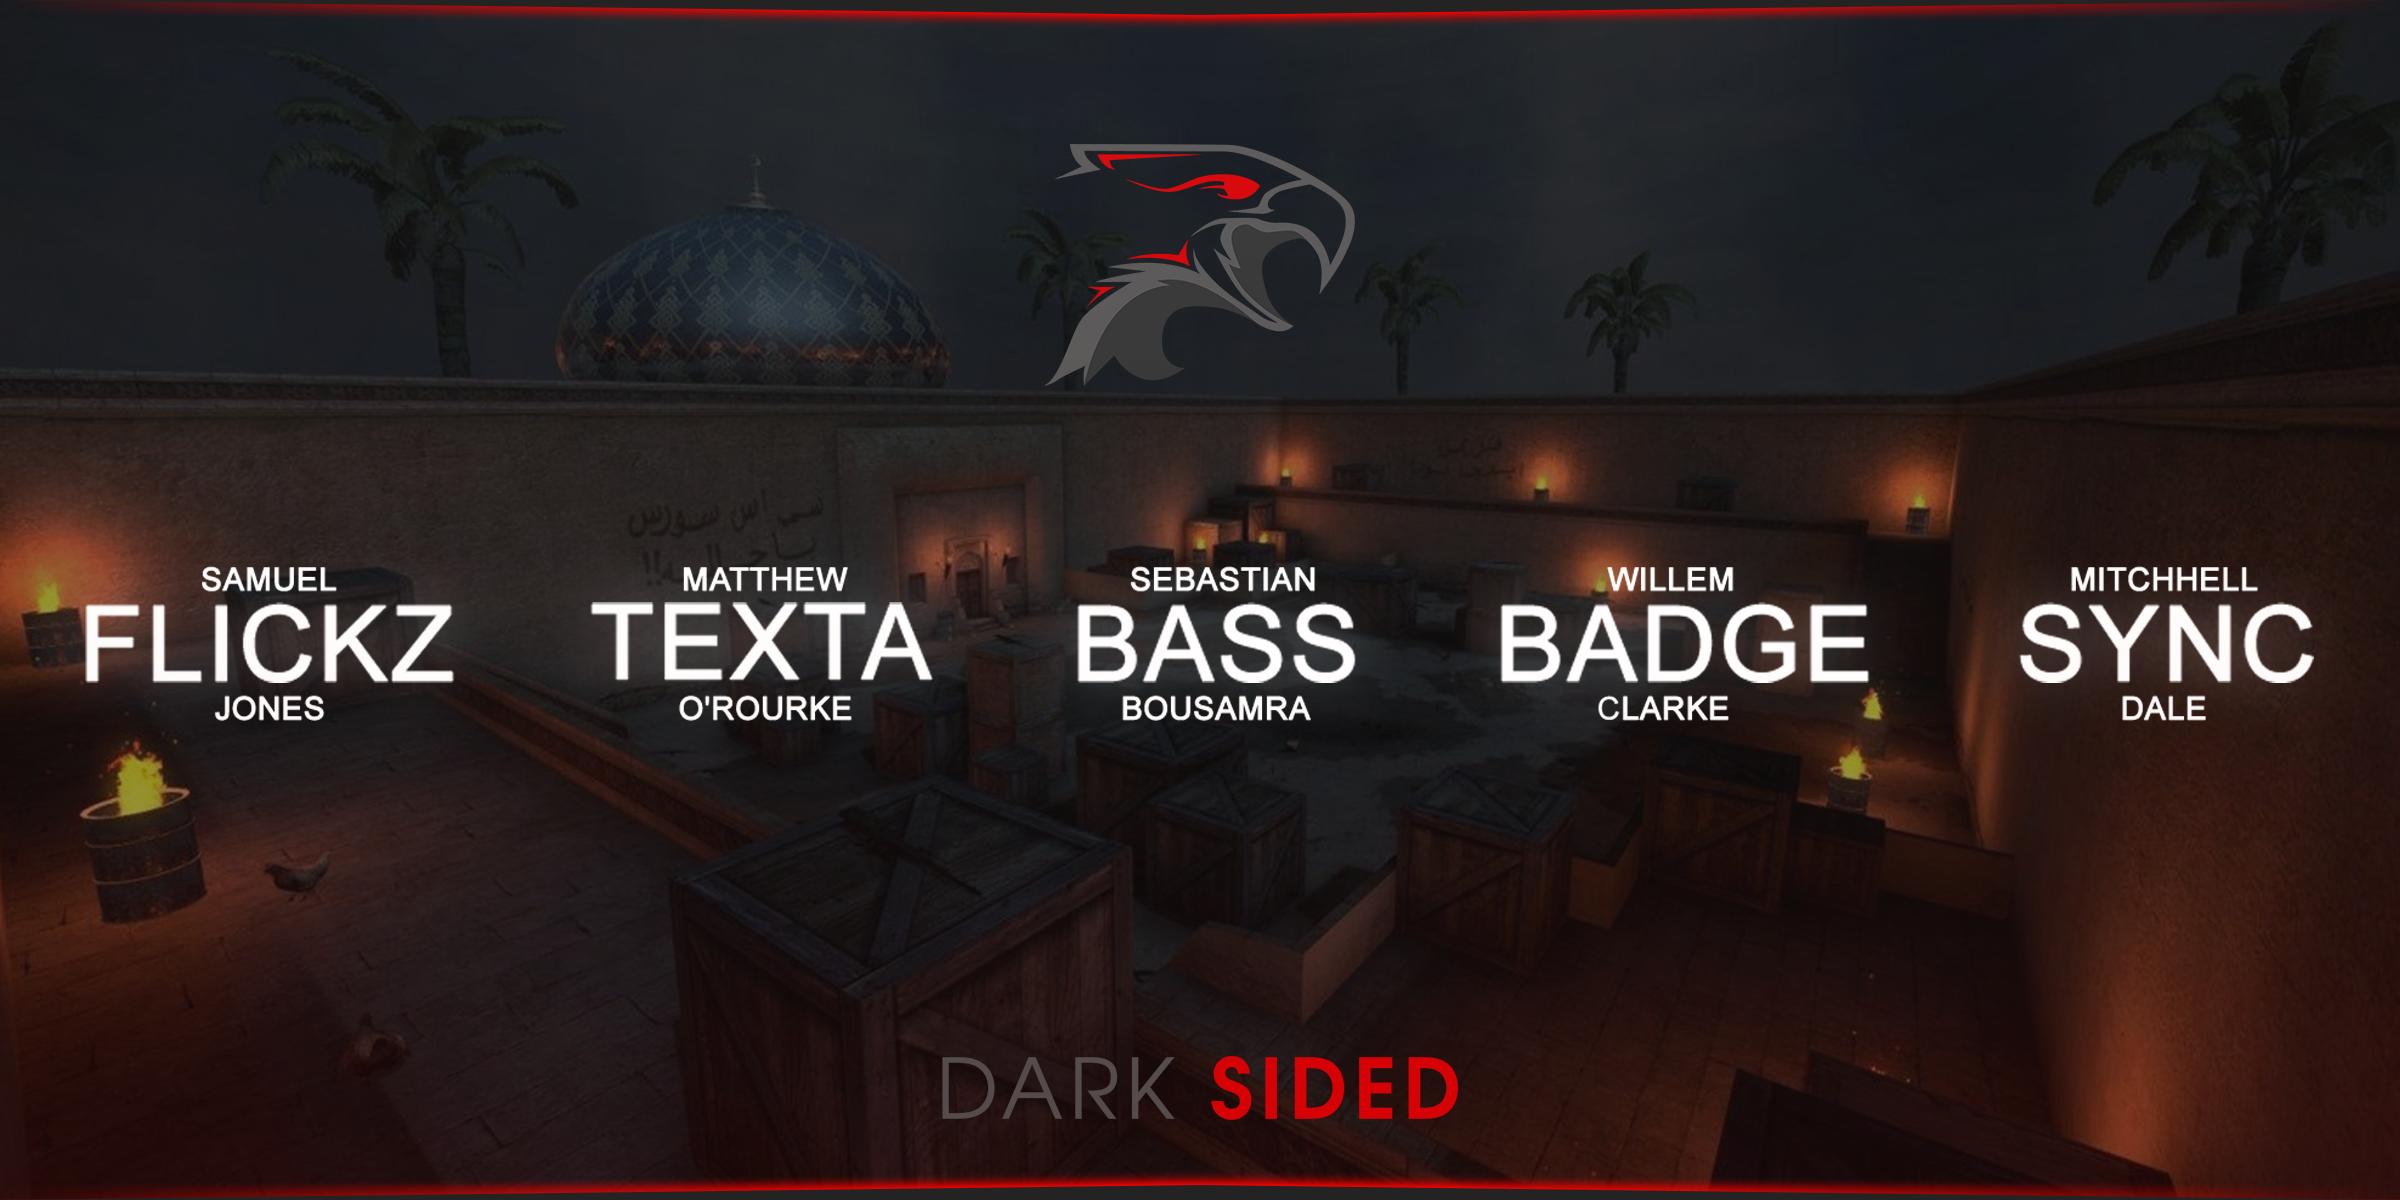 Dark Sided Counterstrike (CSGO) team roster